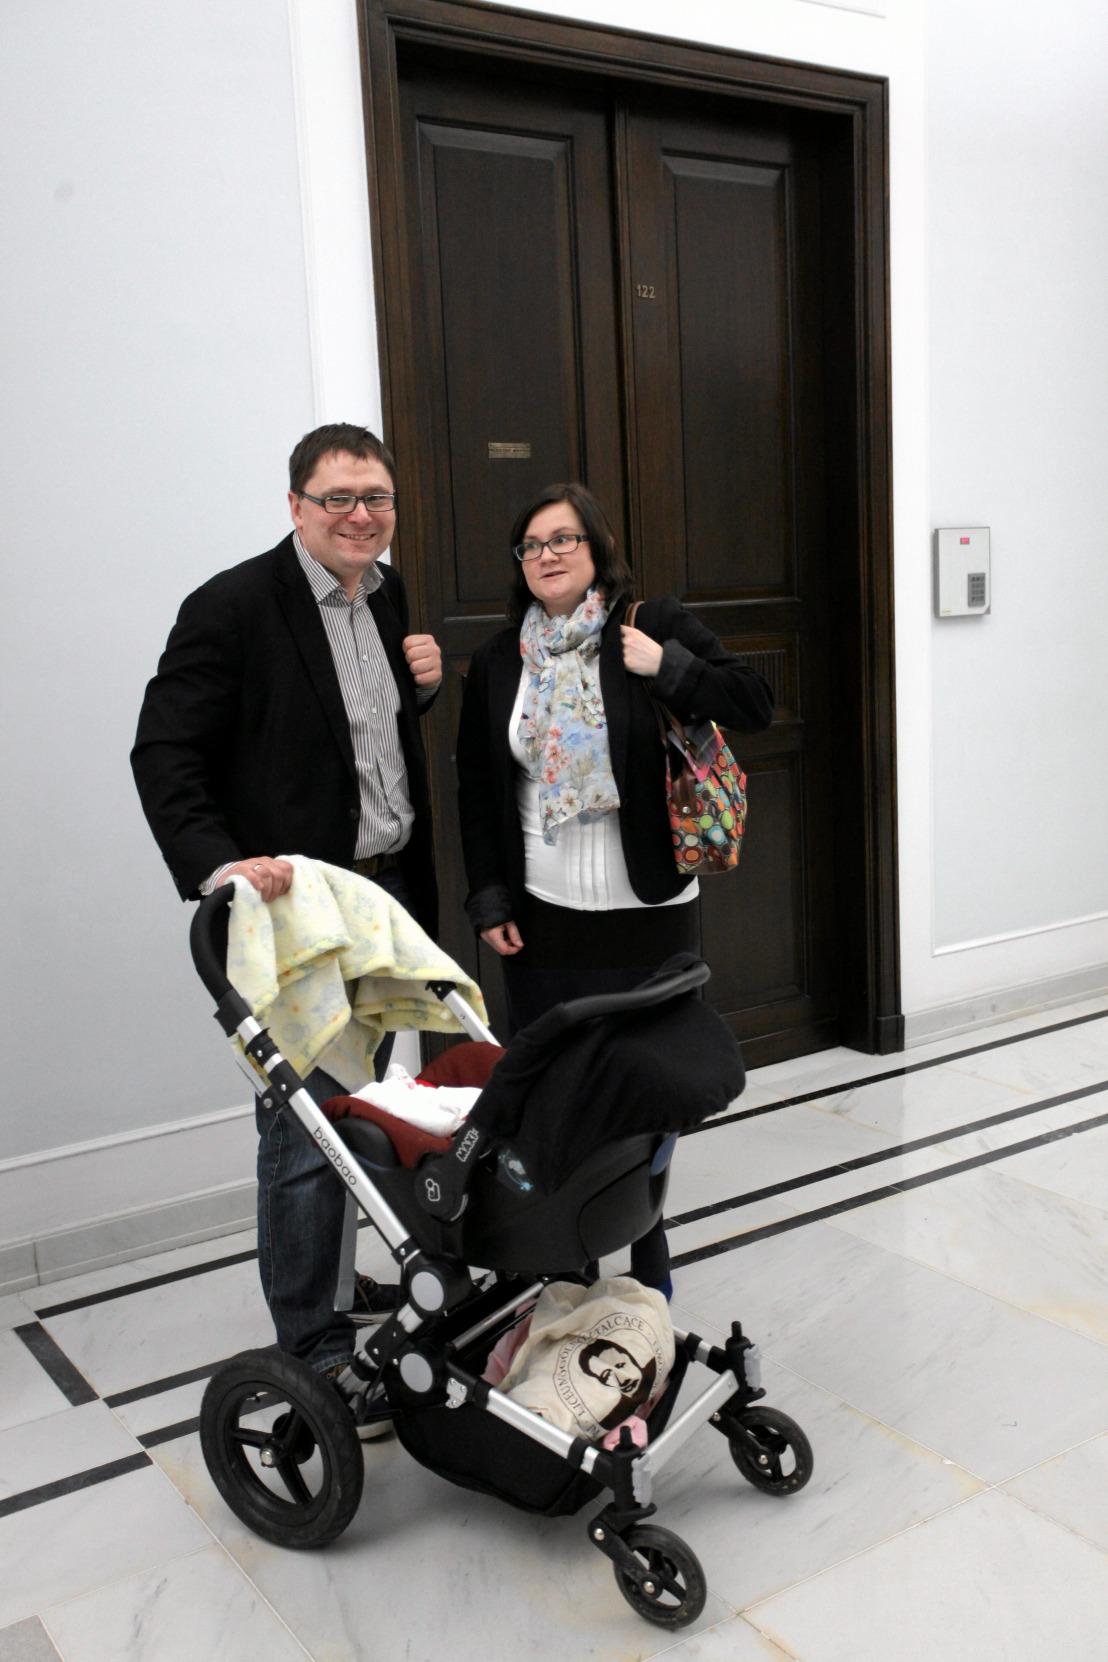 Tomasz Terlikowski z żoną Małgorzatą i trzymiesięczną córką w Sejmie